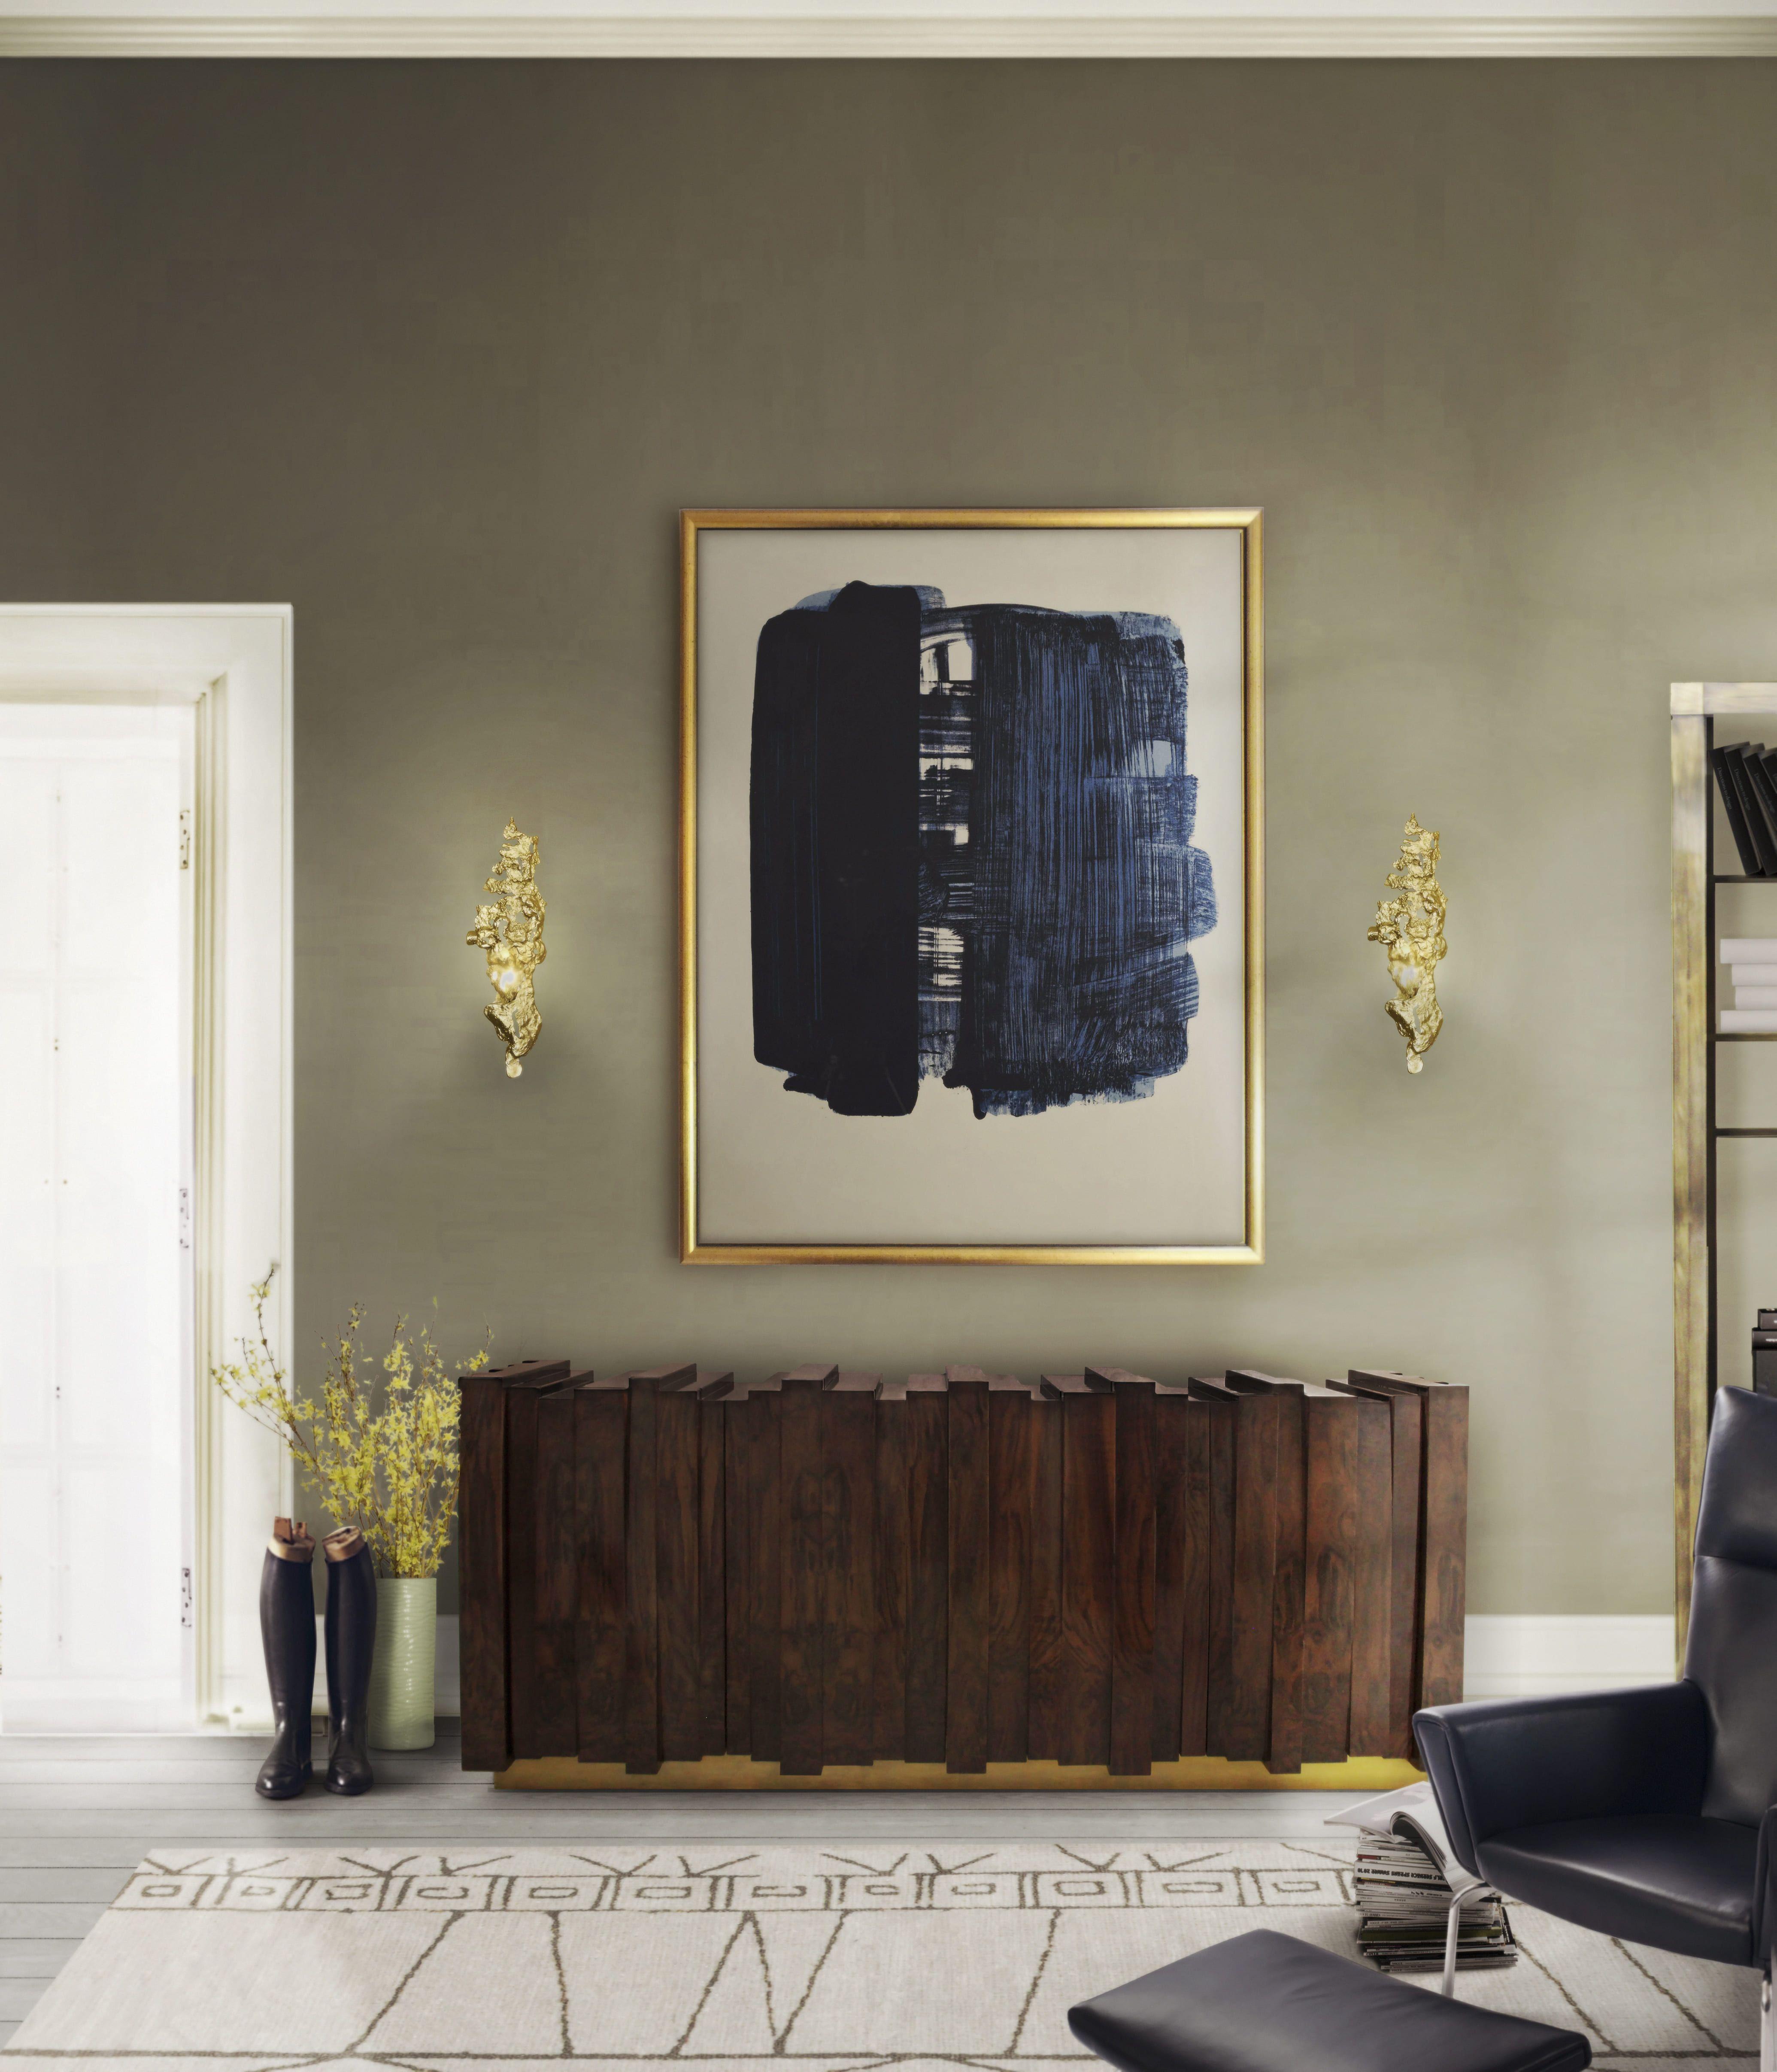 hochwertige möbel | designer möbel | messing beistelltisch